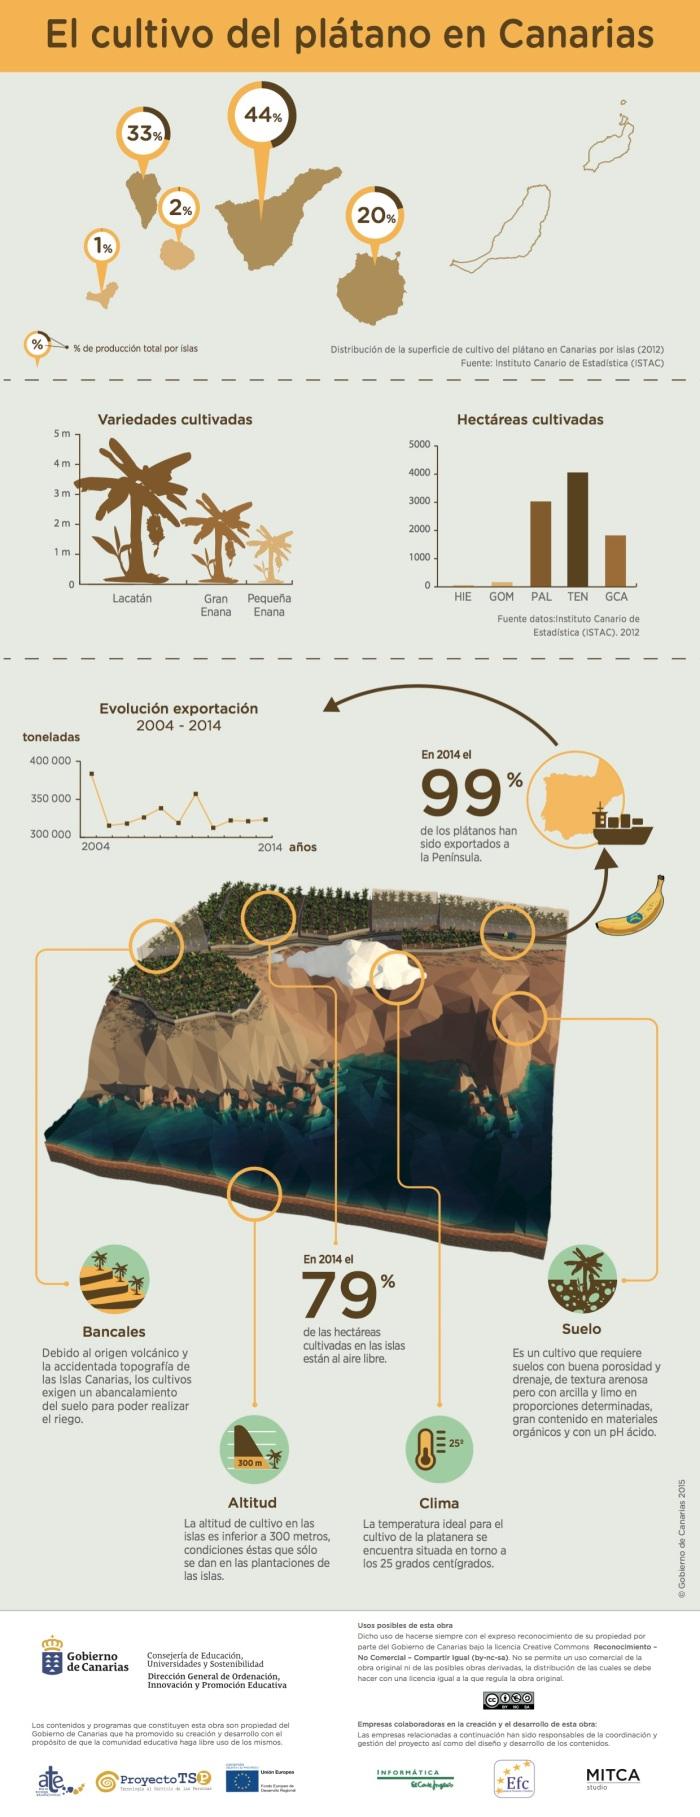 El cultivo del Plátano en Canarias